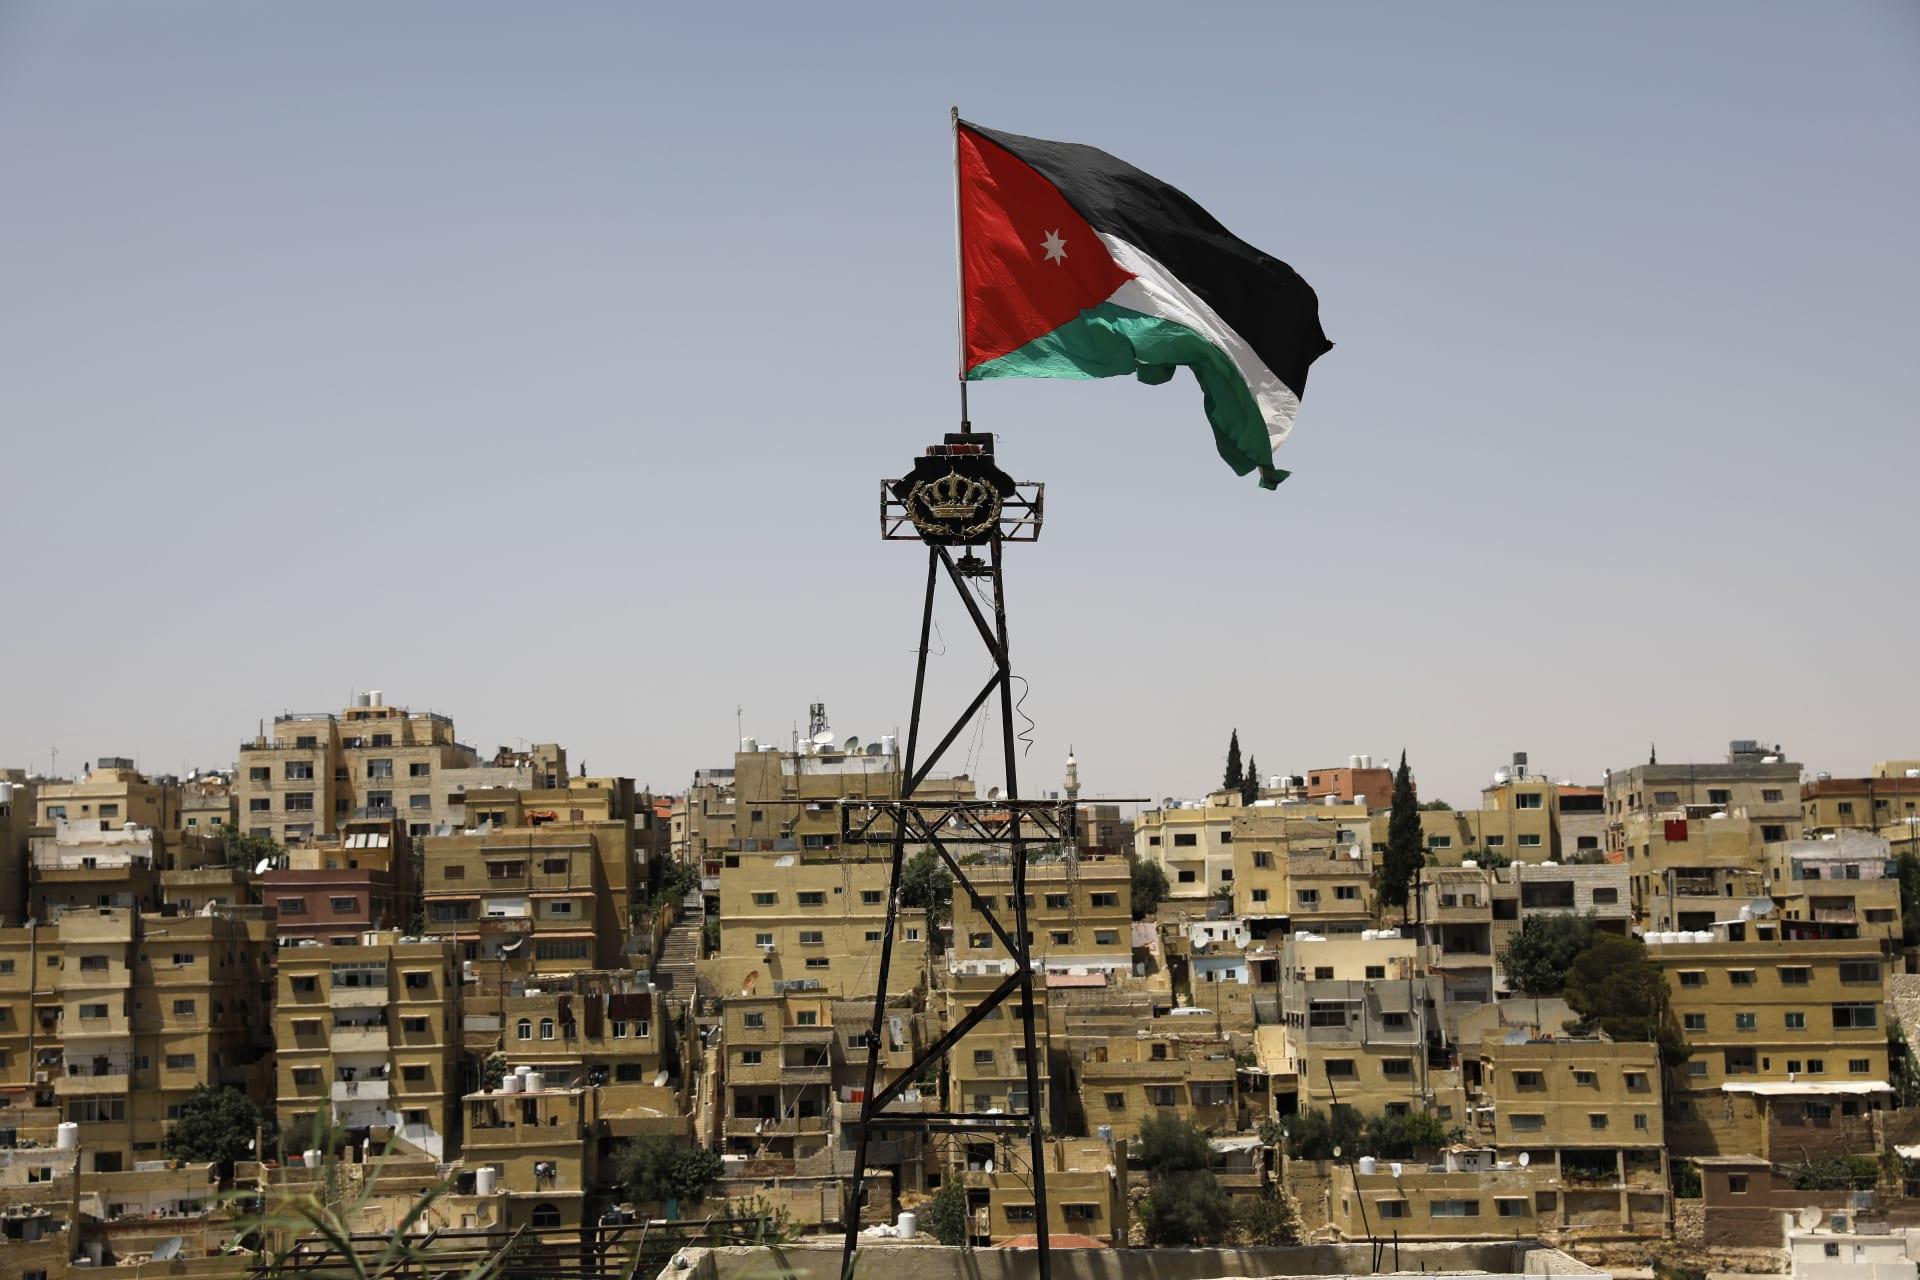 الاعتداء على خطيب جمعة في الأردن